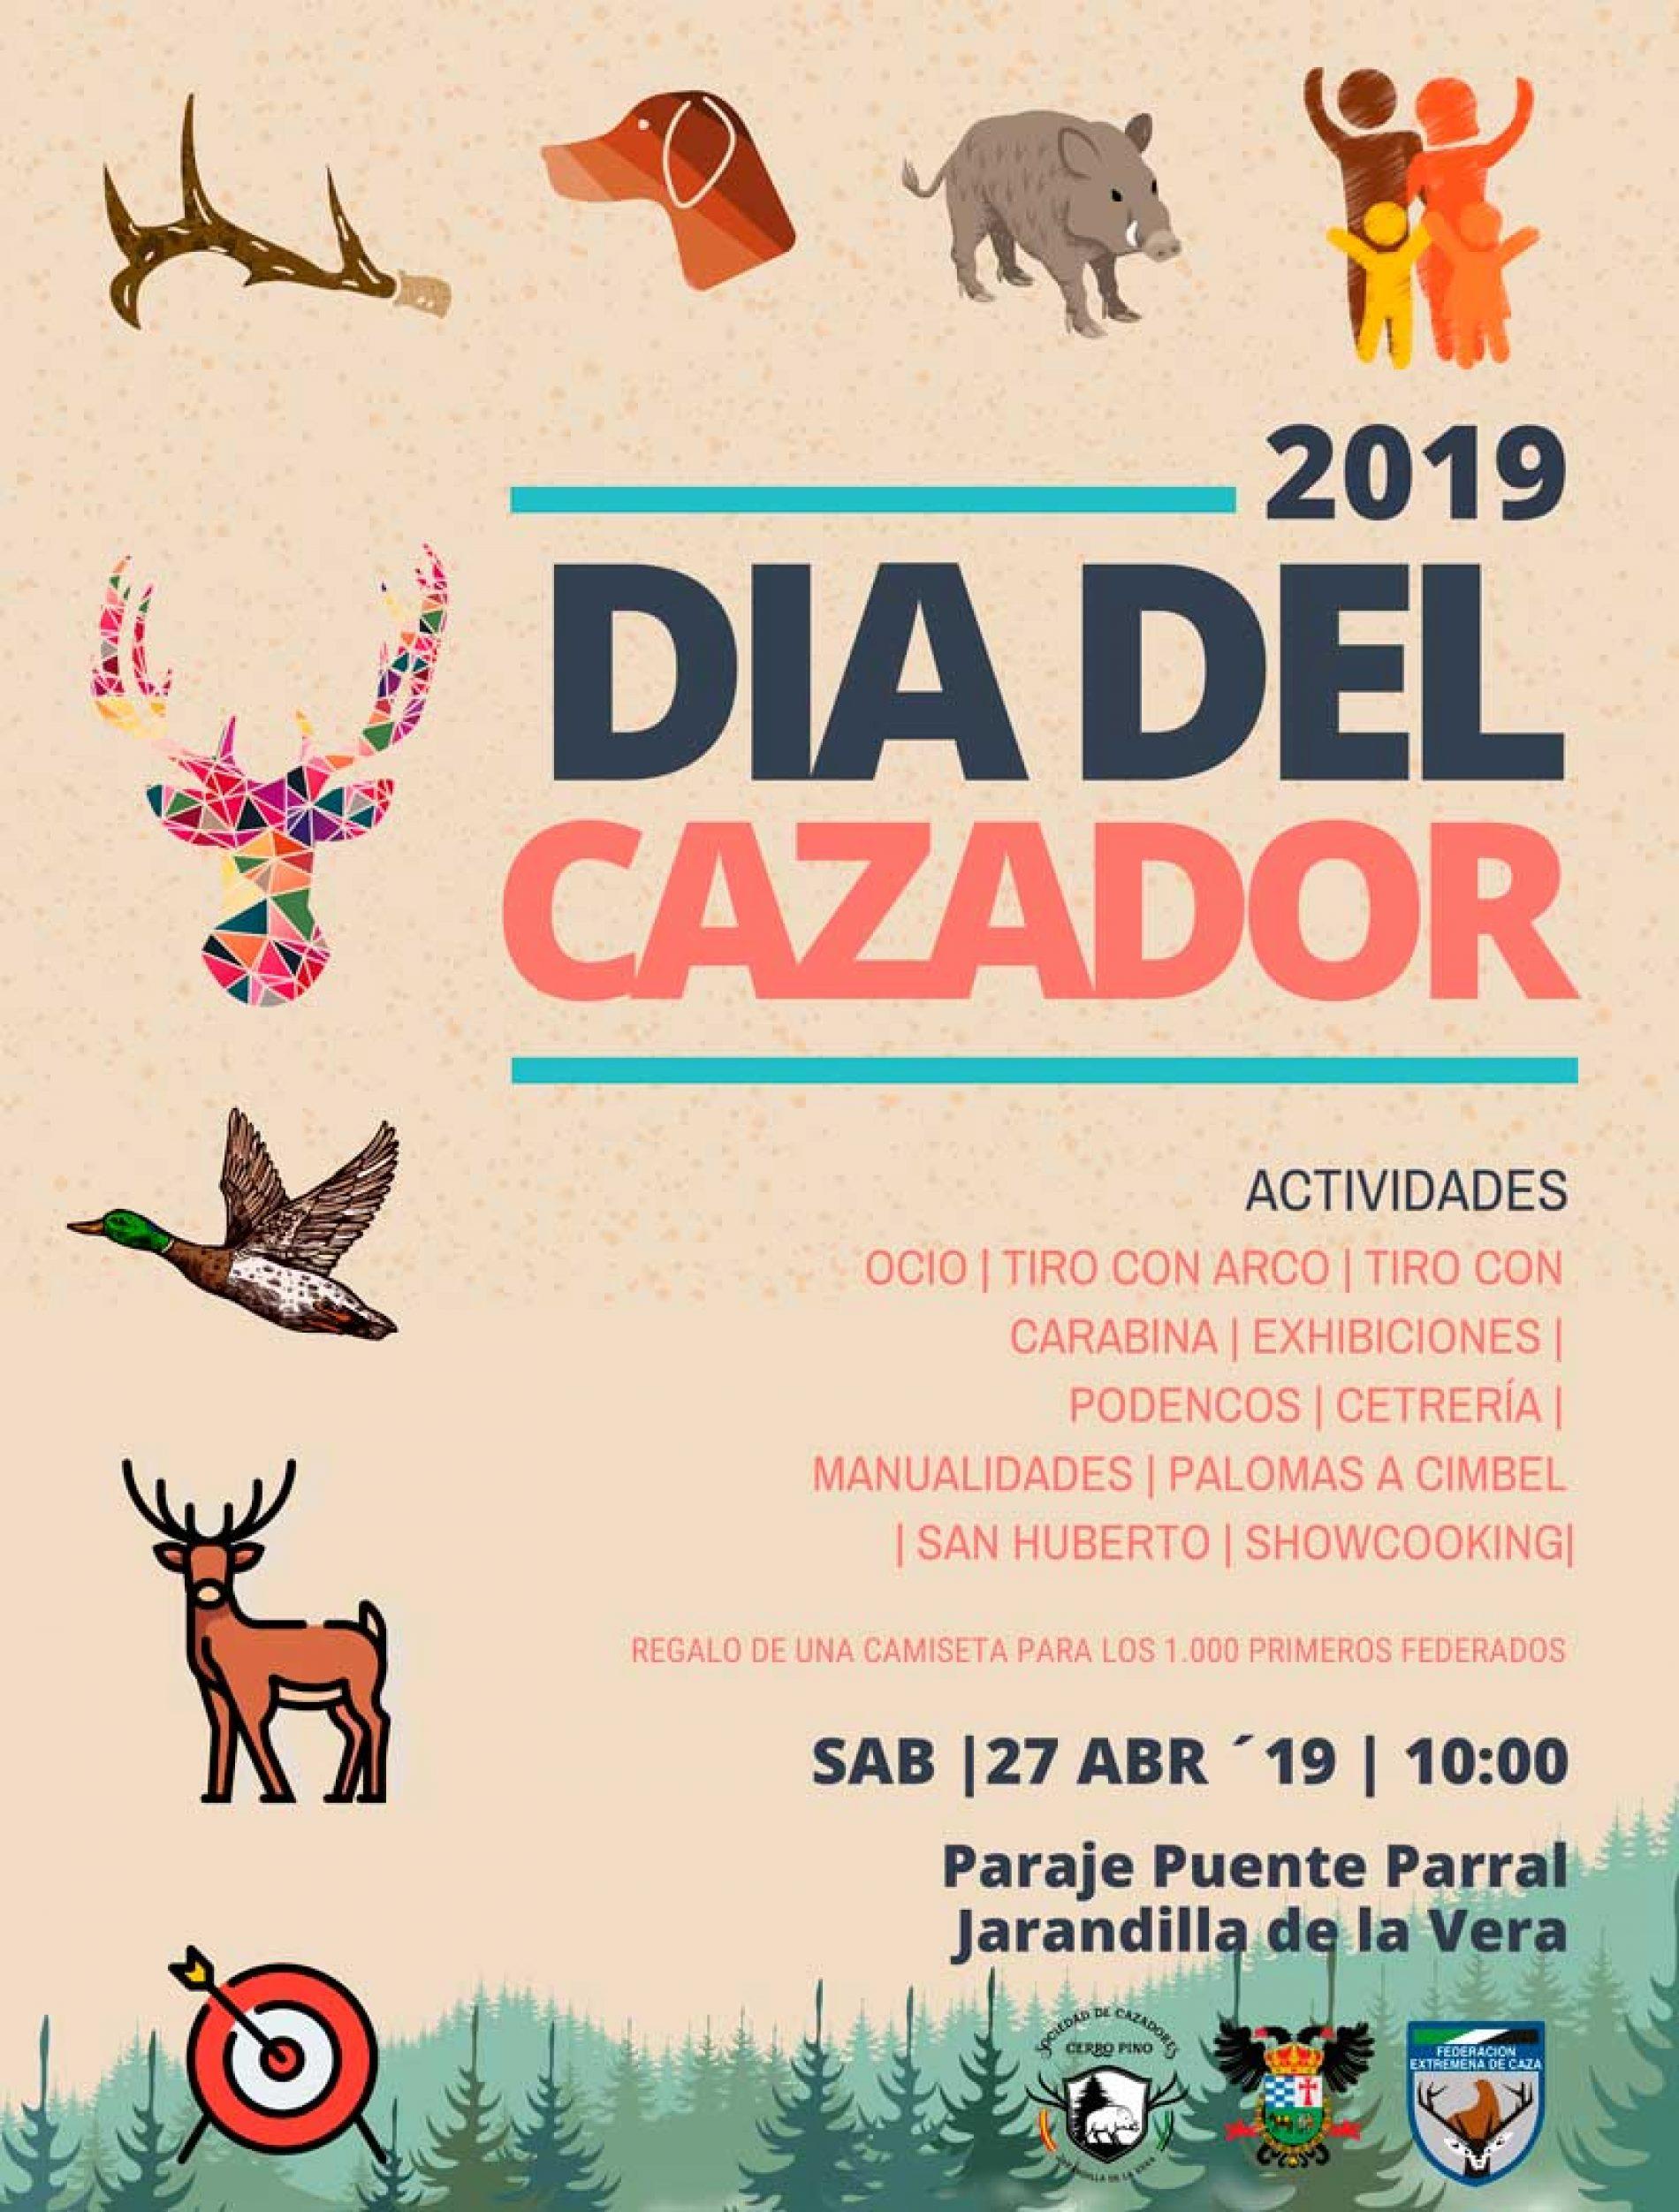 VI Día del Cazador Extremeño el 27 de abril en Jarandilla de la Vera